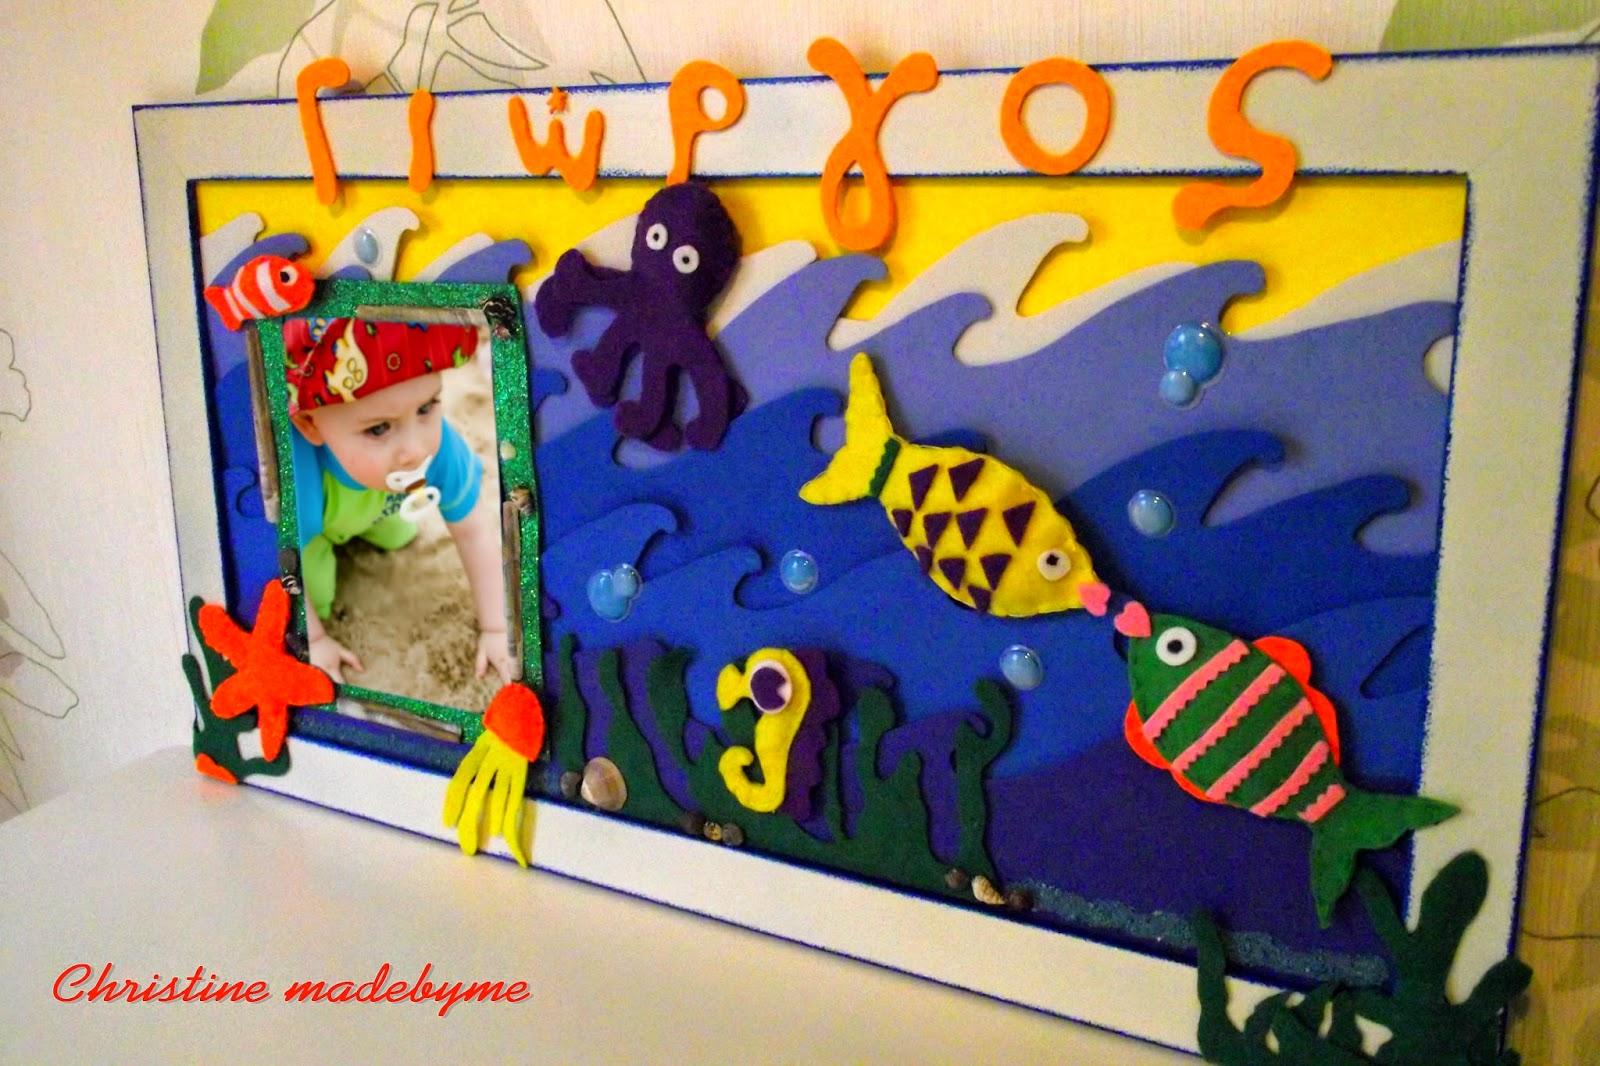 Κάδρο για παιδικό δωμάτιο και υψομετρητής